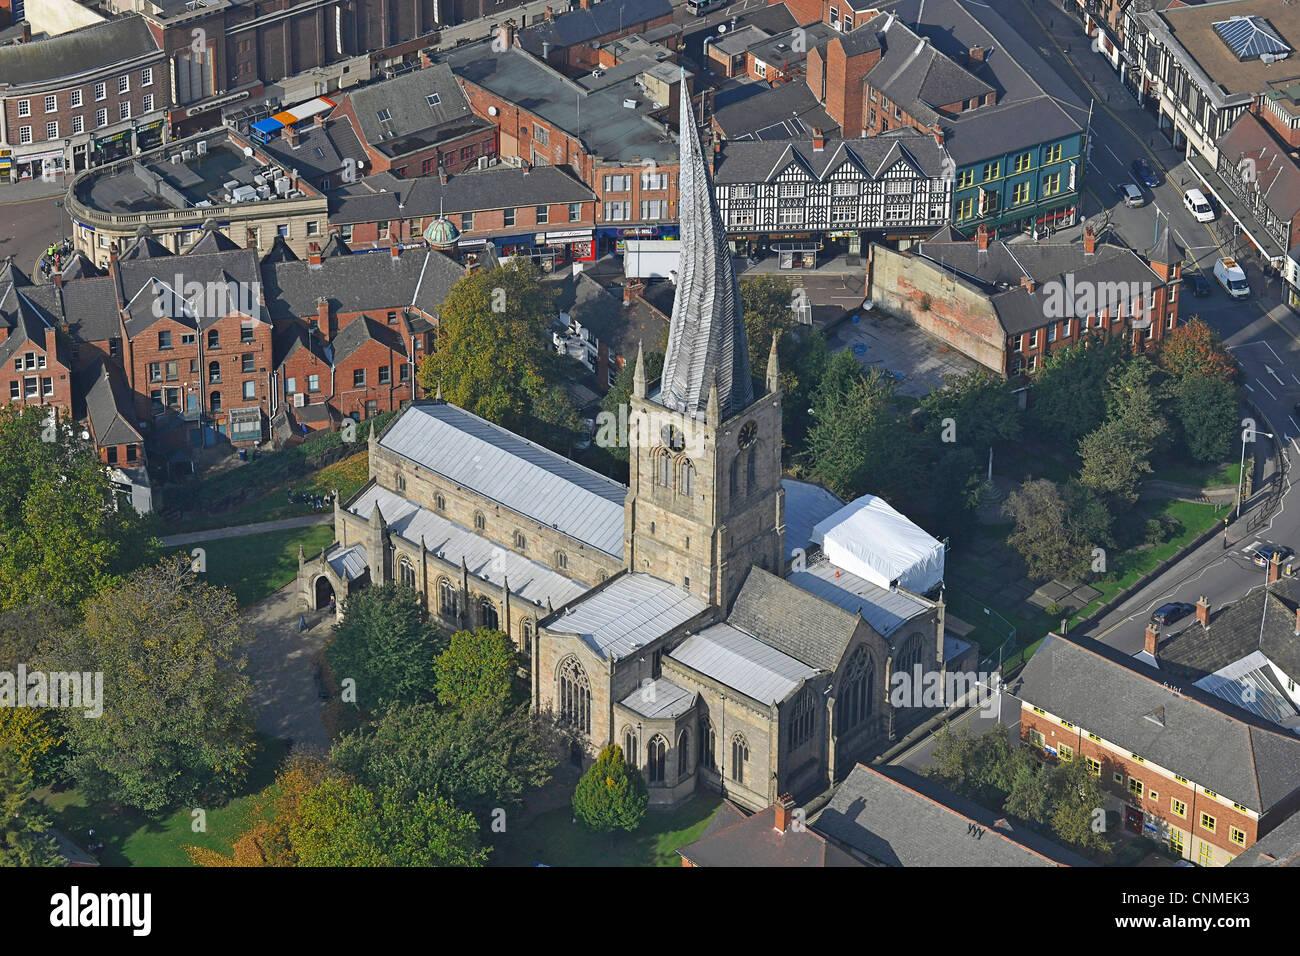 Fotografia aerea mostra la chiesa di Santa Maria e a tutti i santi in Chesterfield con la sua guglia ritorto. Immagini Stock